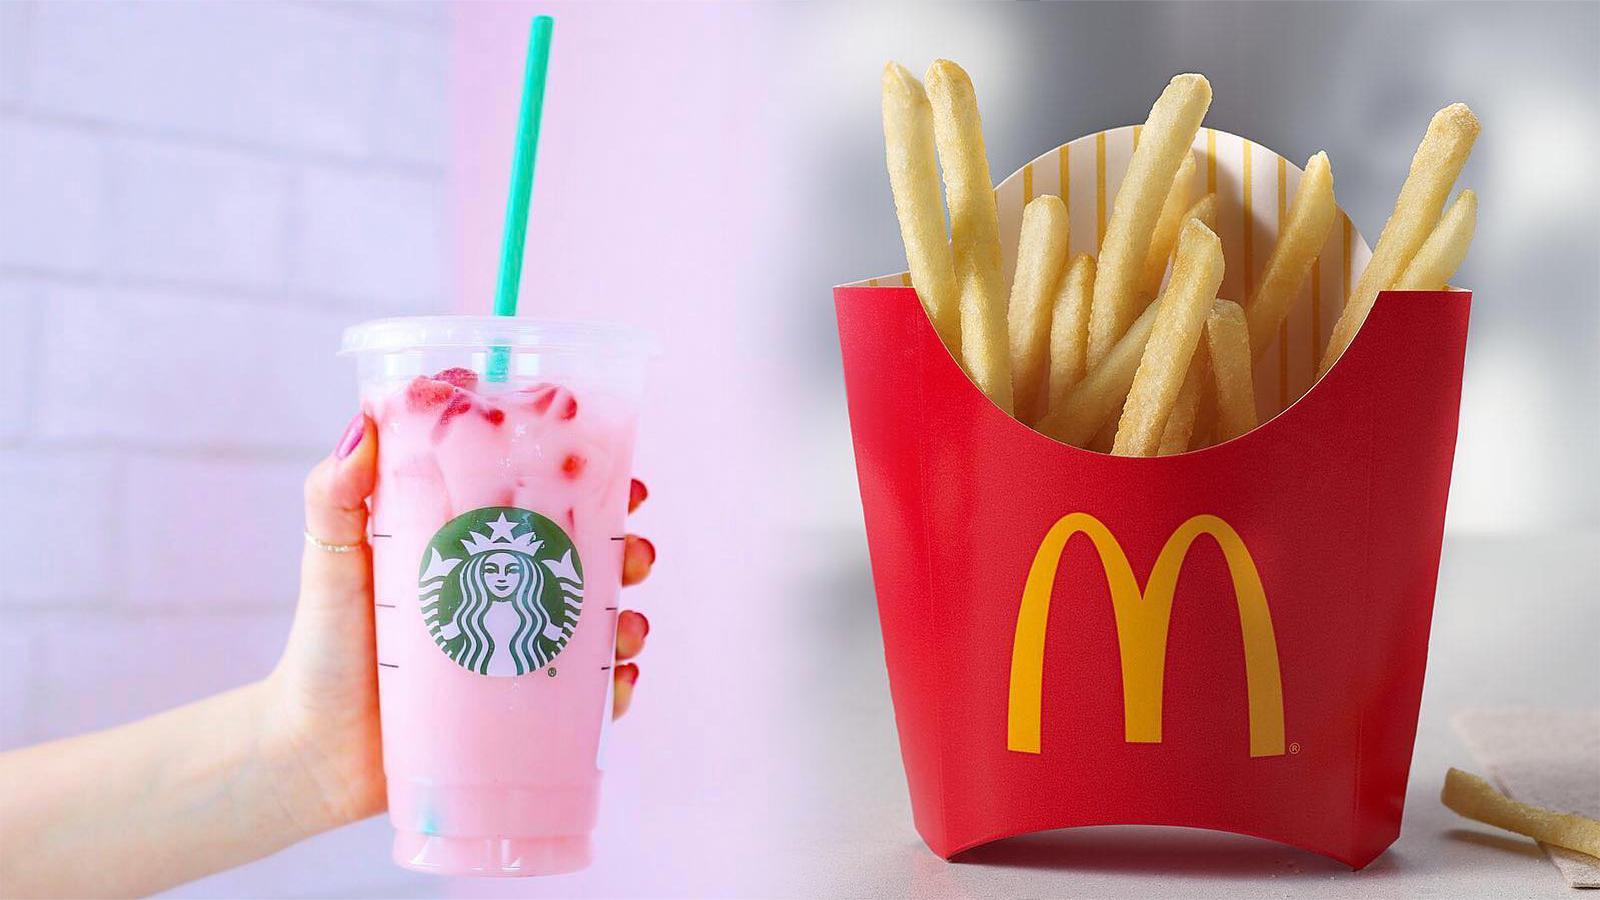 Gue Enggak Bisa Hidup Tanpa McDonalds dan Instagram